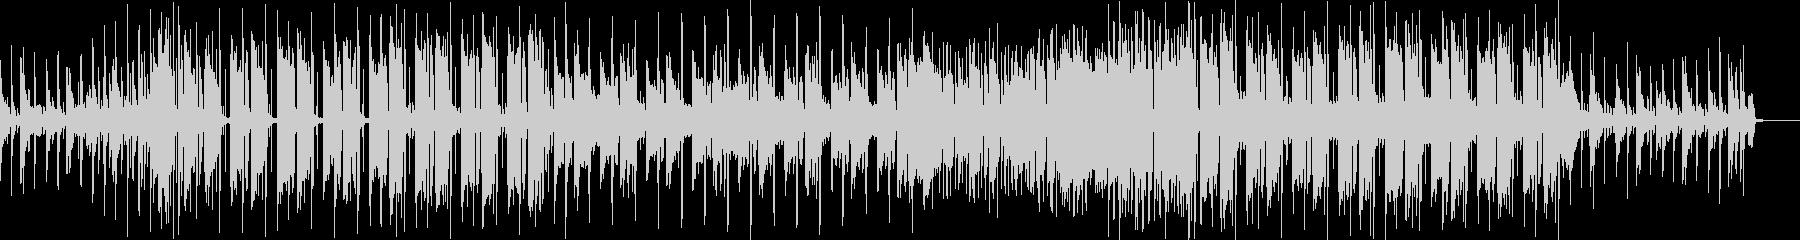 クールでポップなFuture Bassの未再生の波形